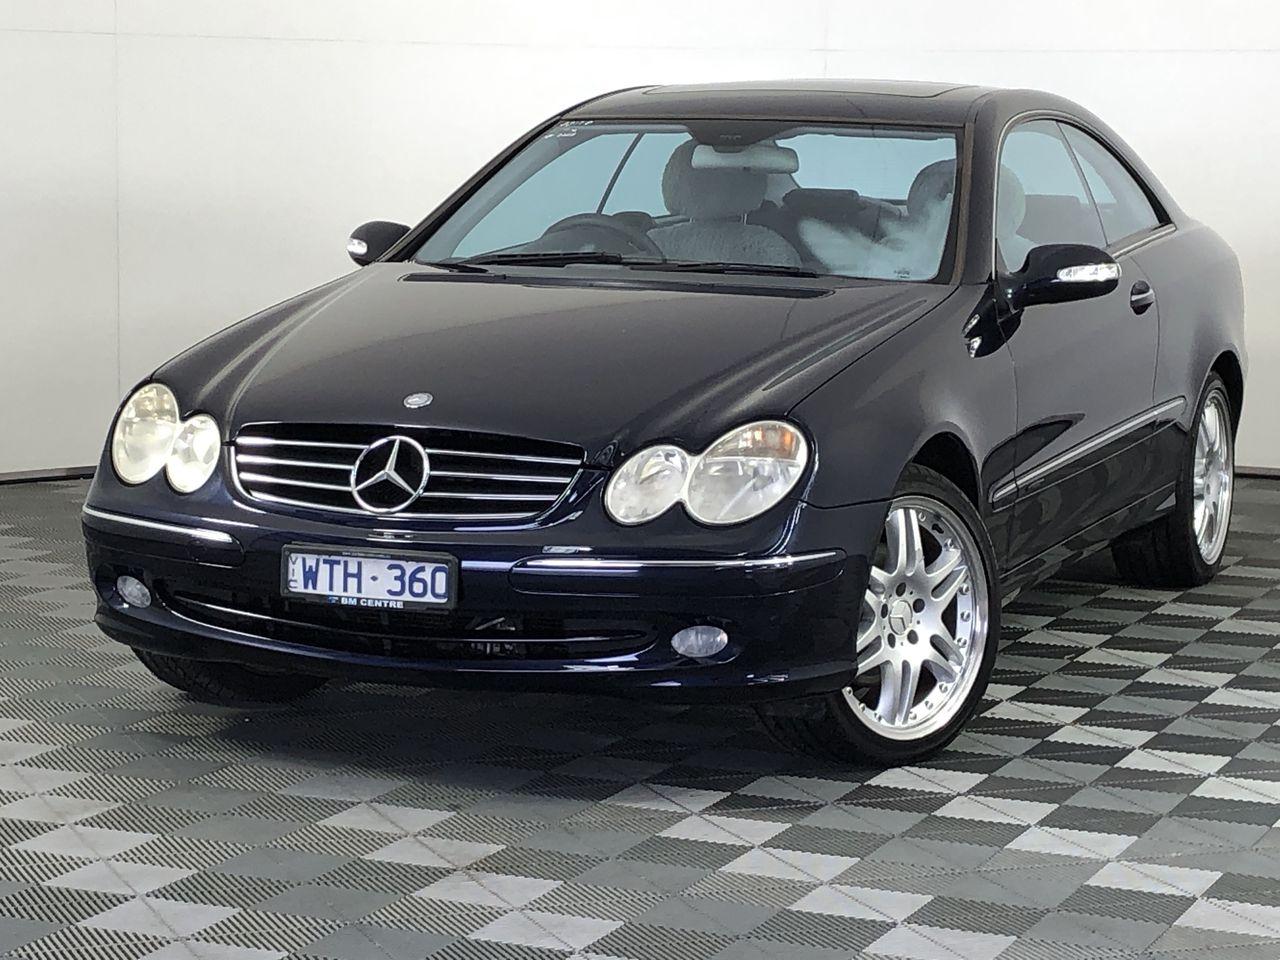 2002 Mercedes Benz CLK320 Avantgarde C209 Automatic Coupe